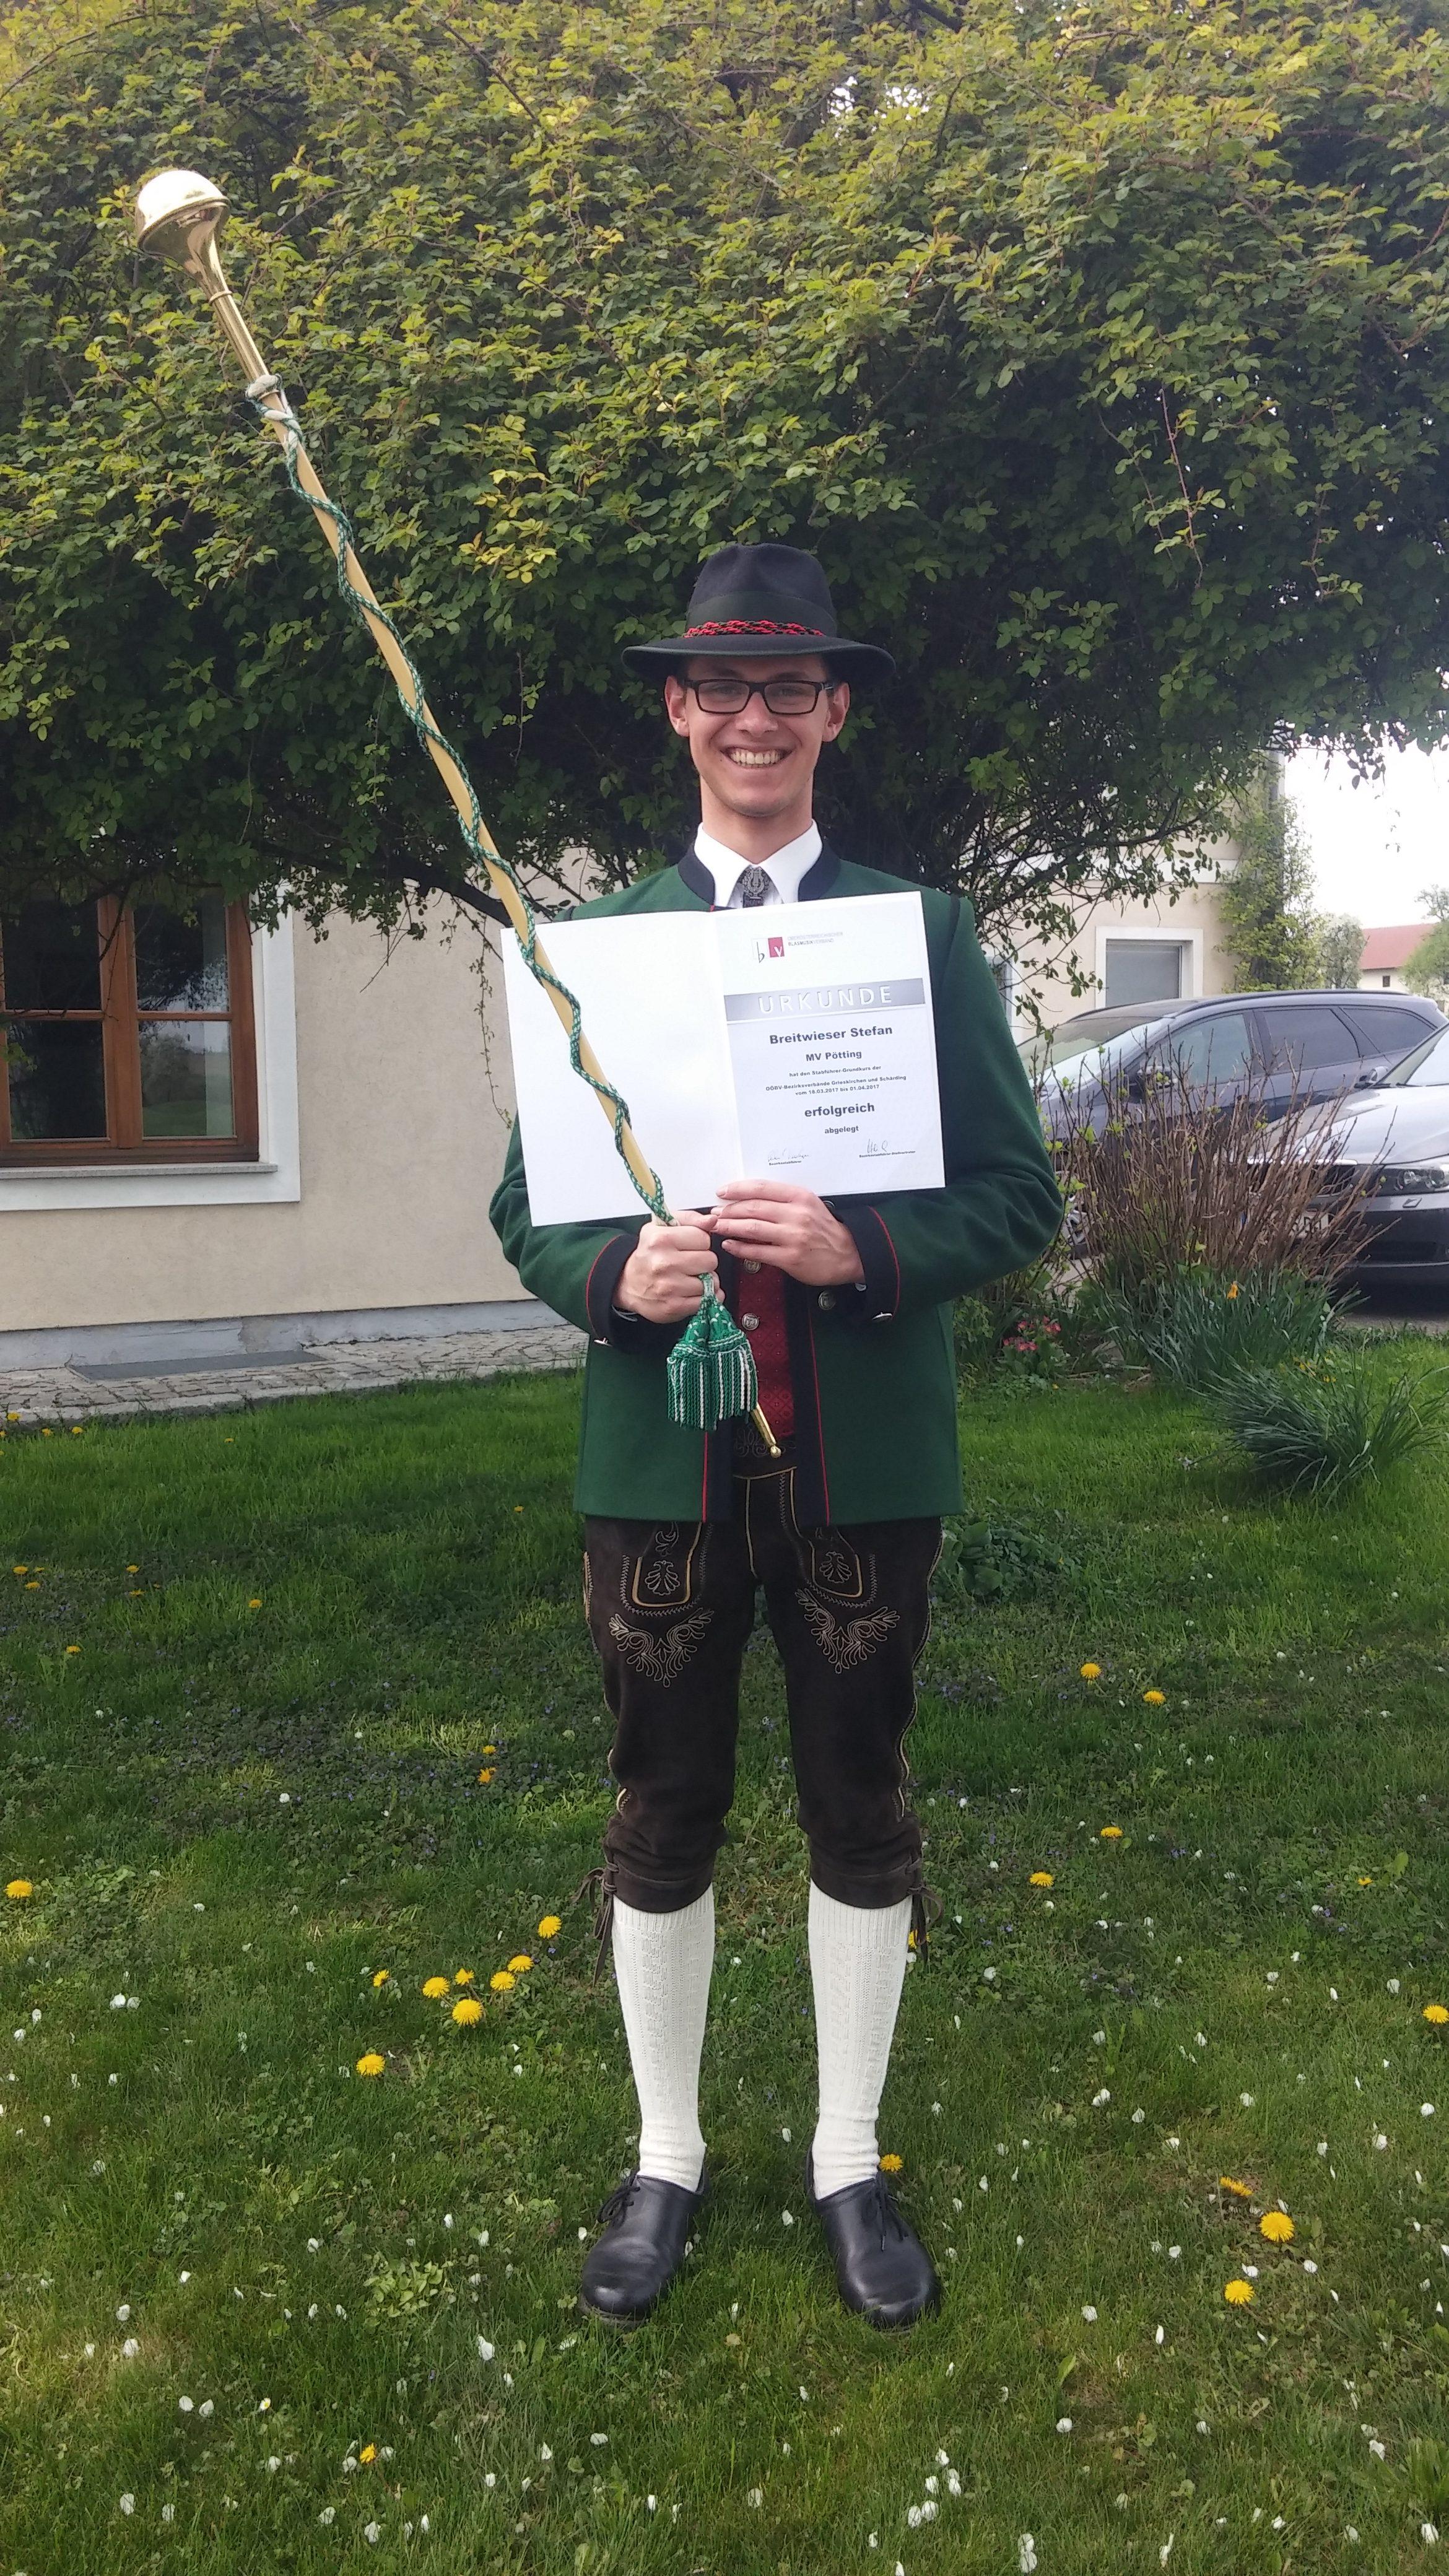 Stabführer-Grundkurs erfolgreich absolviert